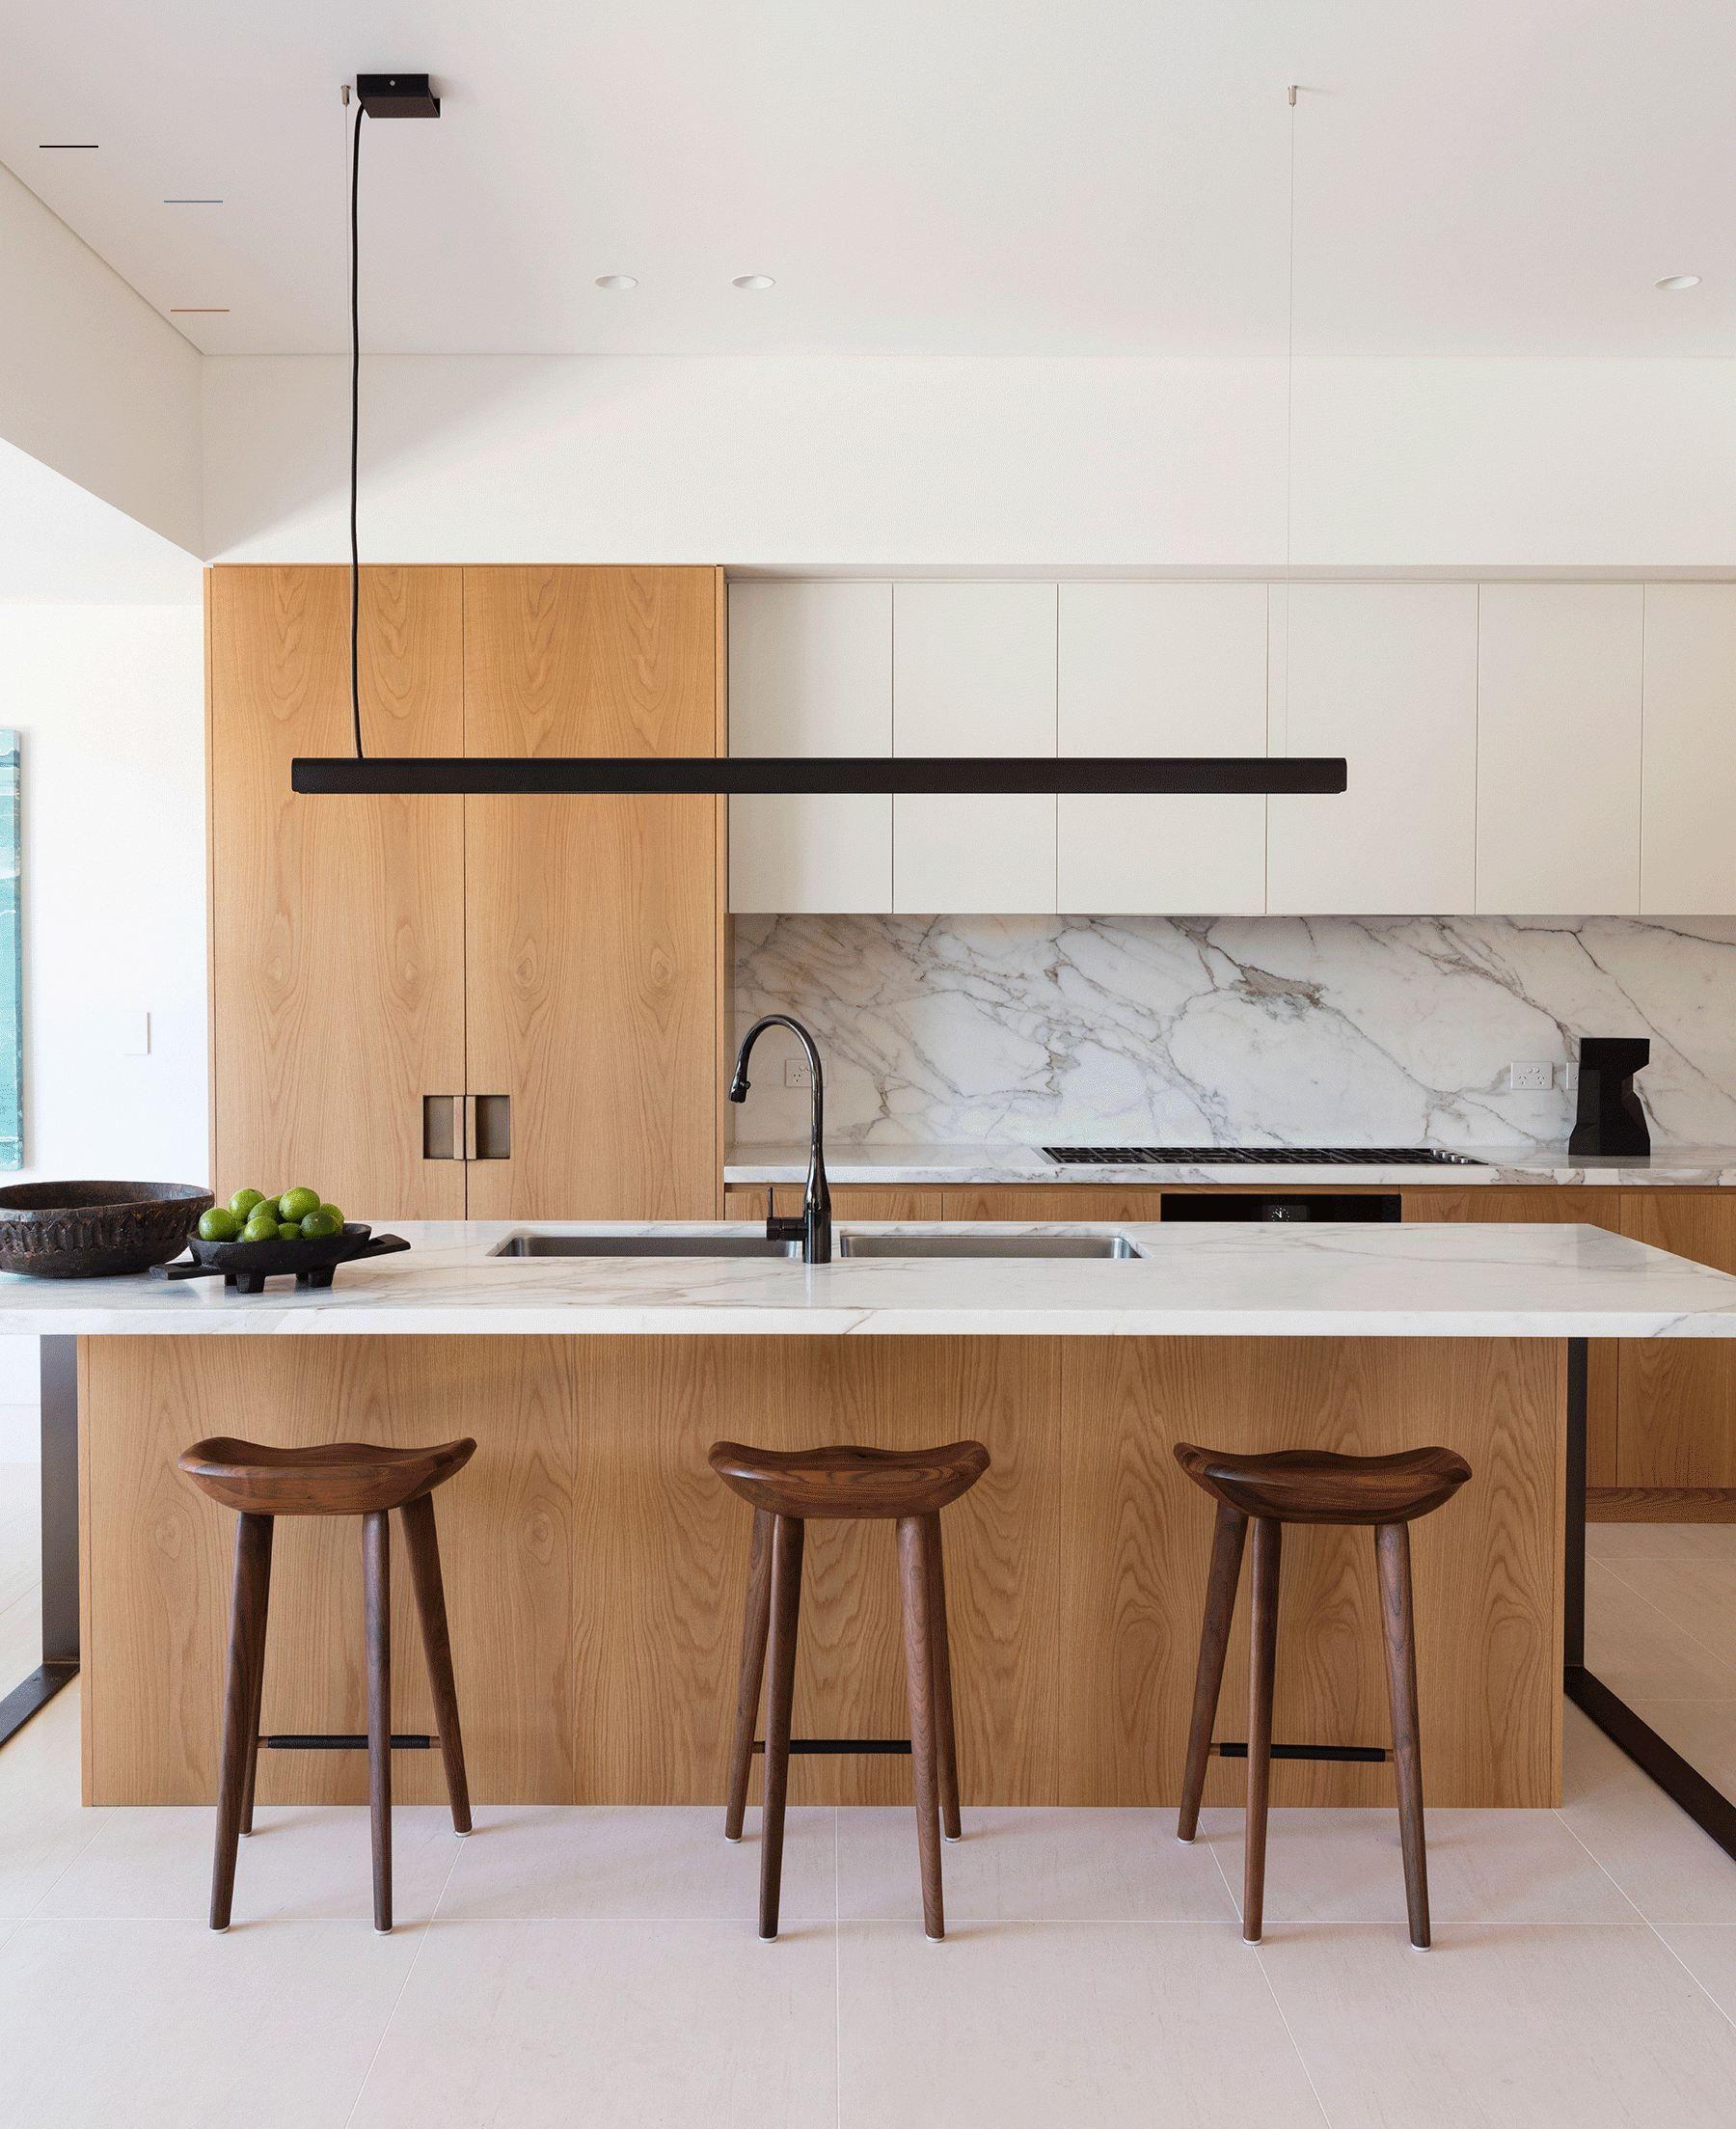 Minimalistkitchen Interior Design